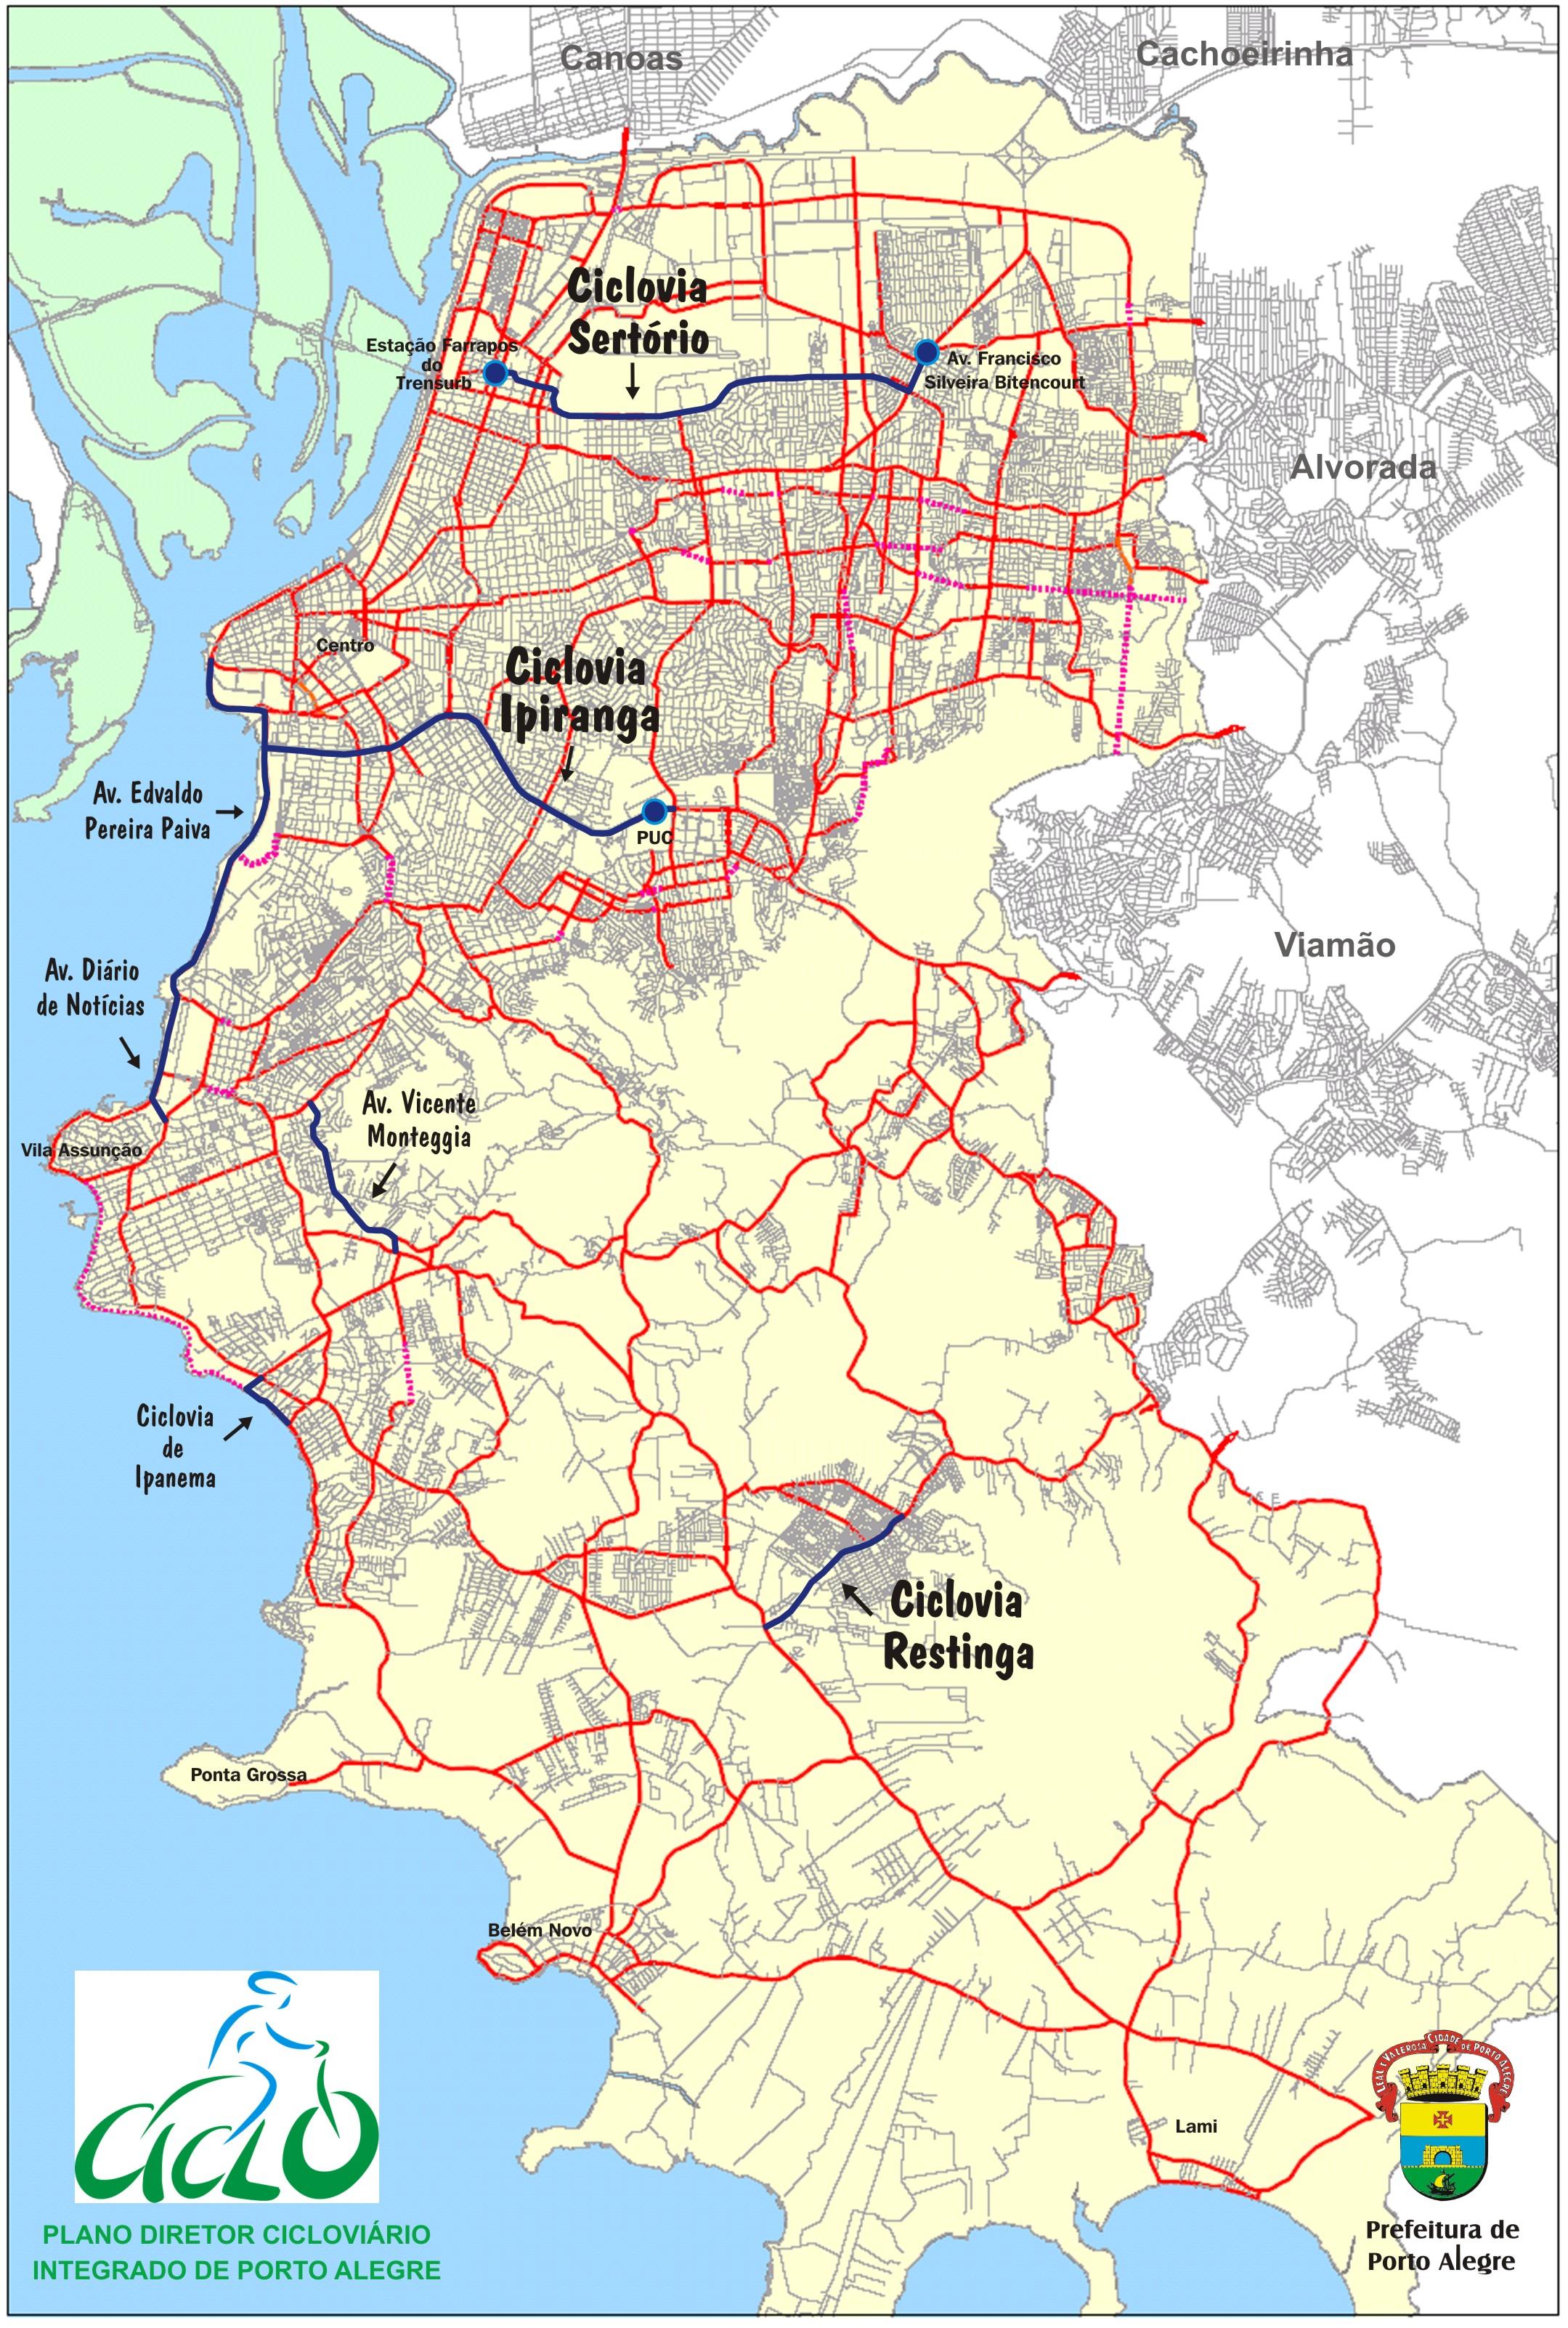 Malha prevista pelo Plano Diretor Cicloviário de Porto Alegre. Imagem: Prefeitura de Porto Alegre/Reprodução